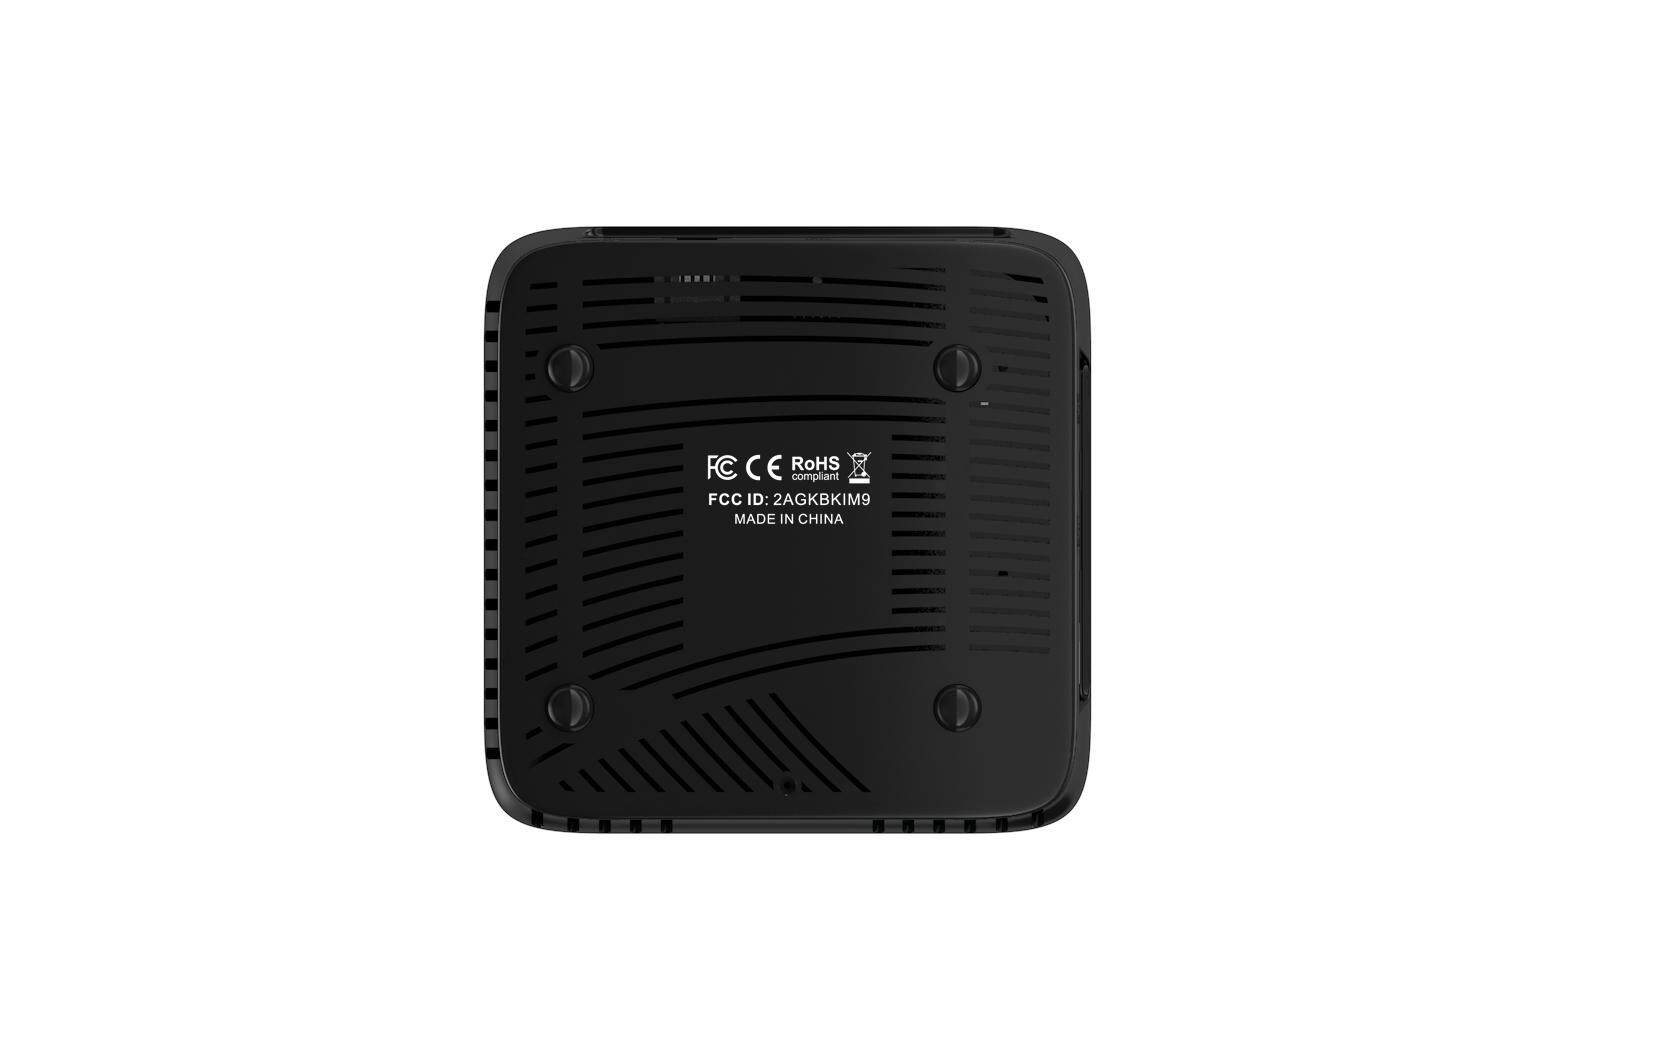 Review Original Xiaomi 3 Pro Enhanced Gen 6th Mibox Mi Tv Box 3